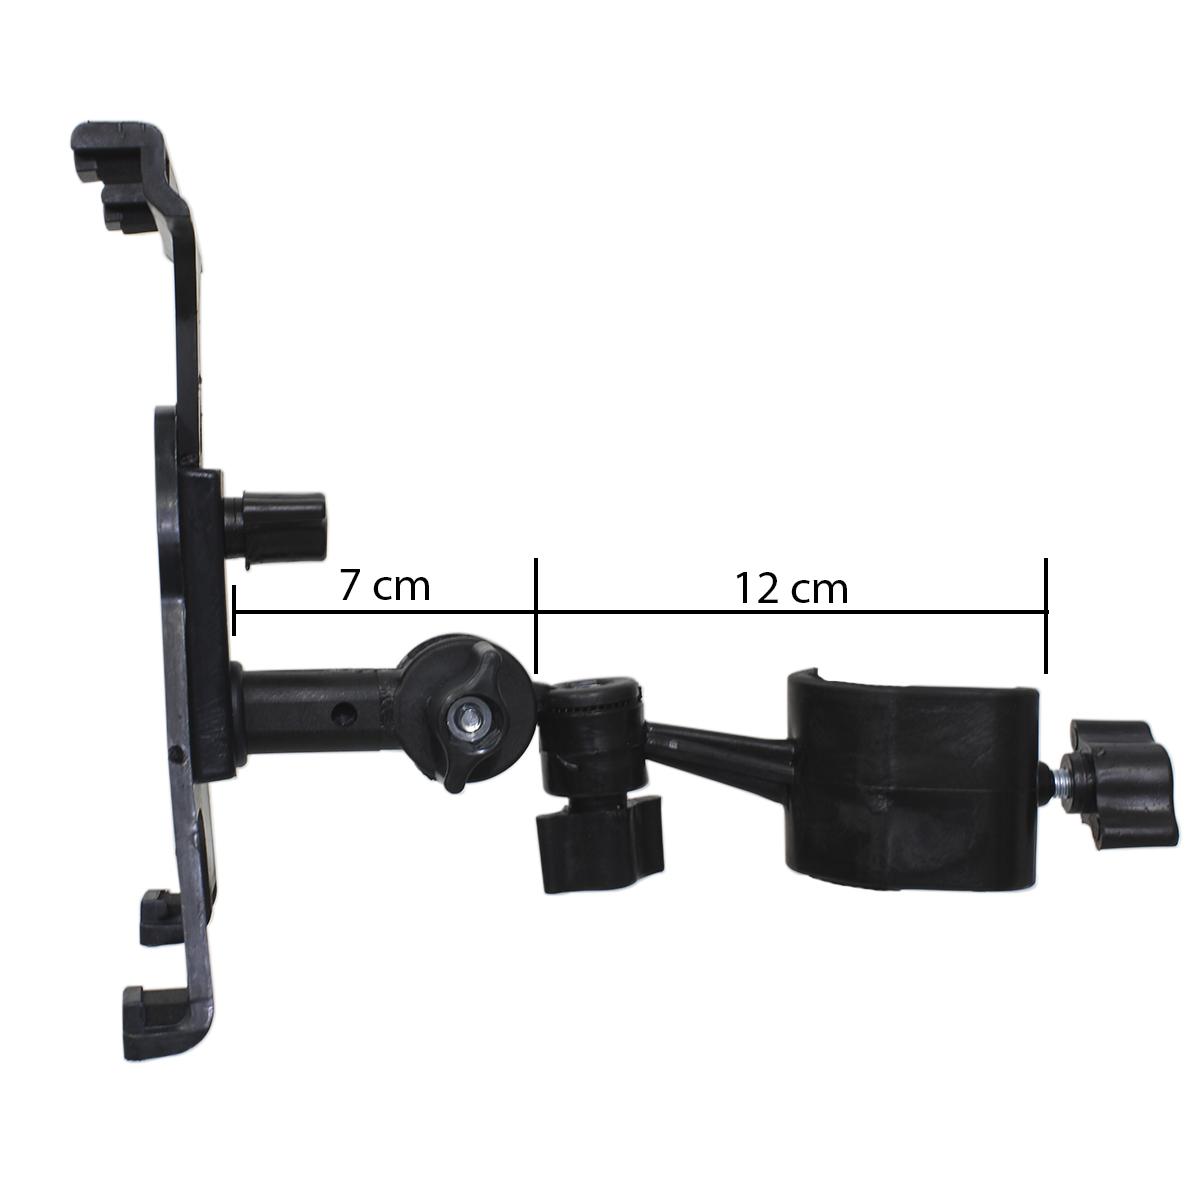 Suporte Articulado de Tablet para pedestal VECTOR IPAD10